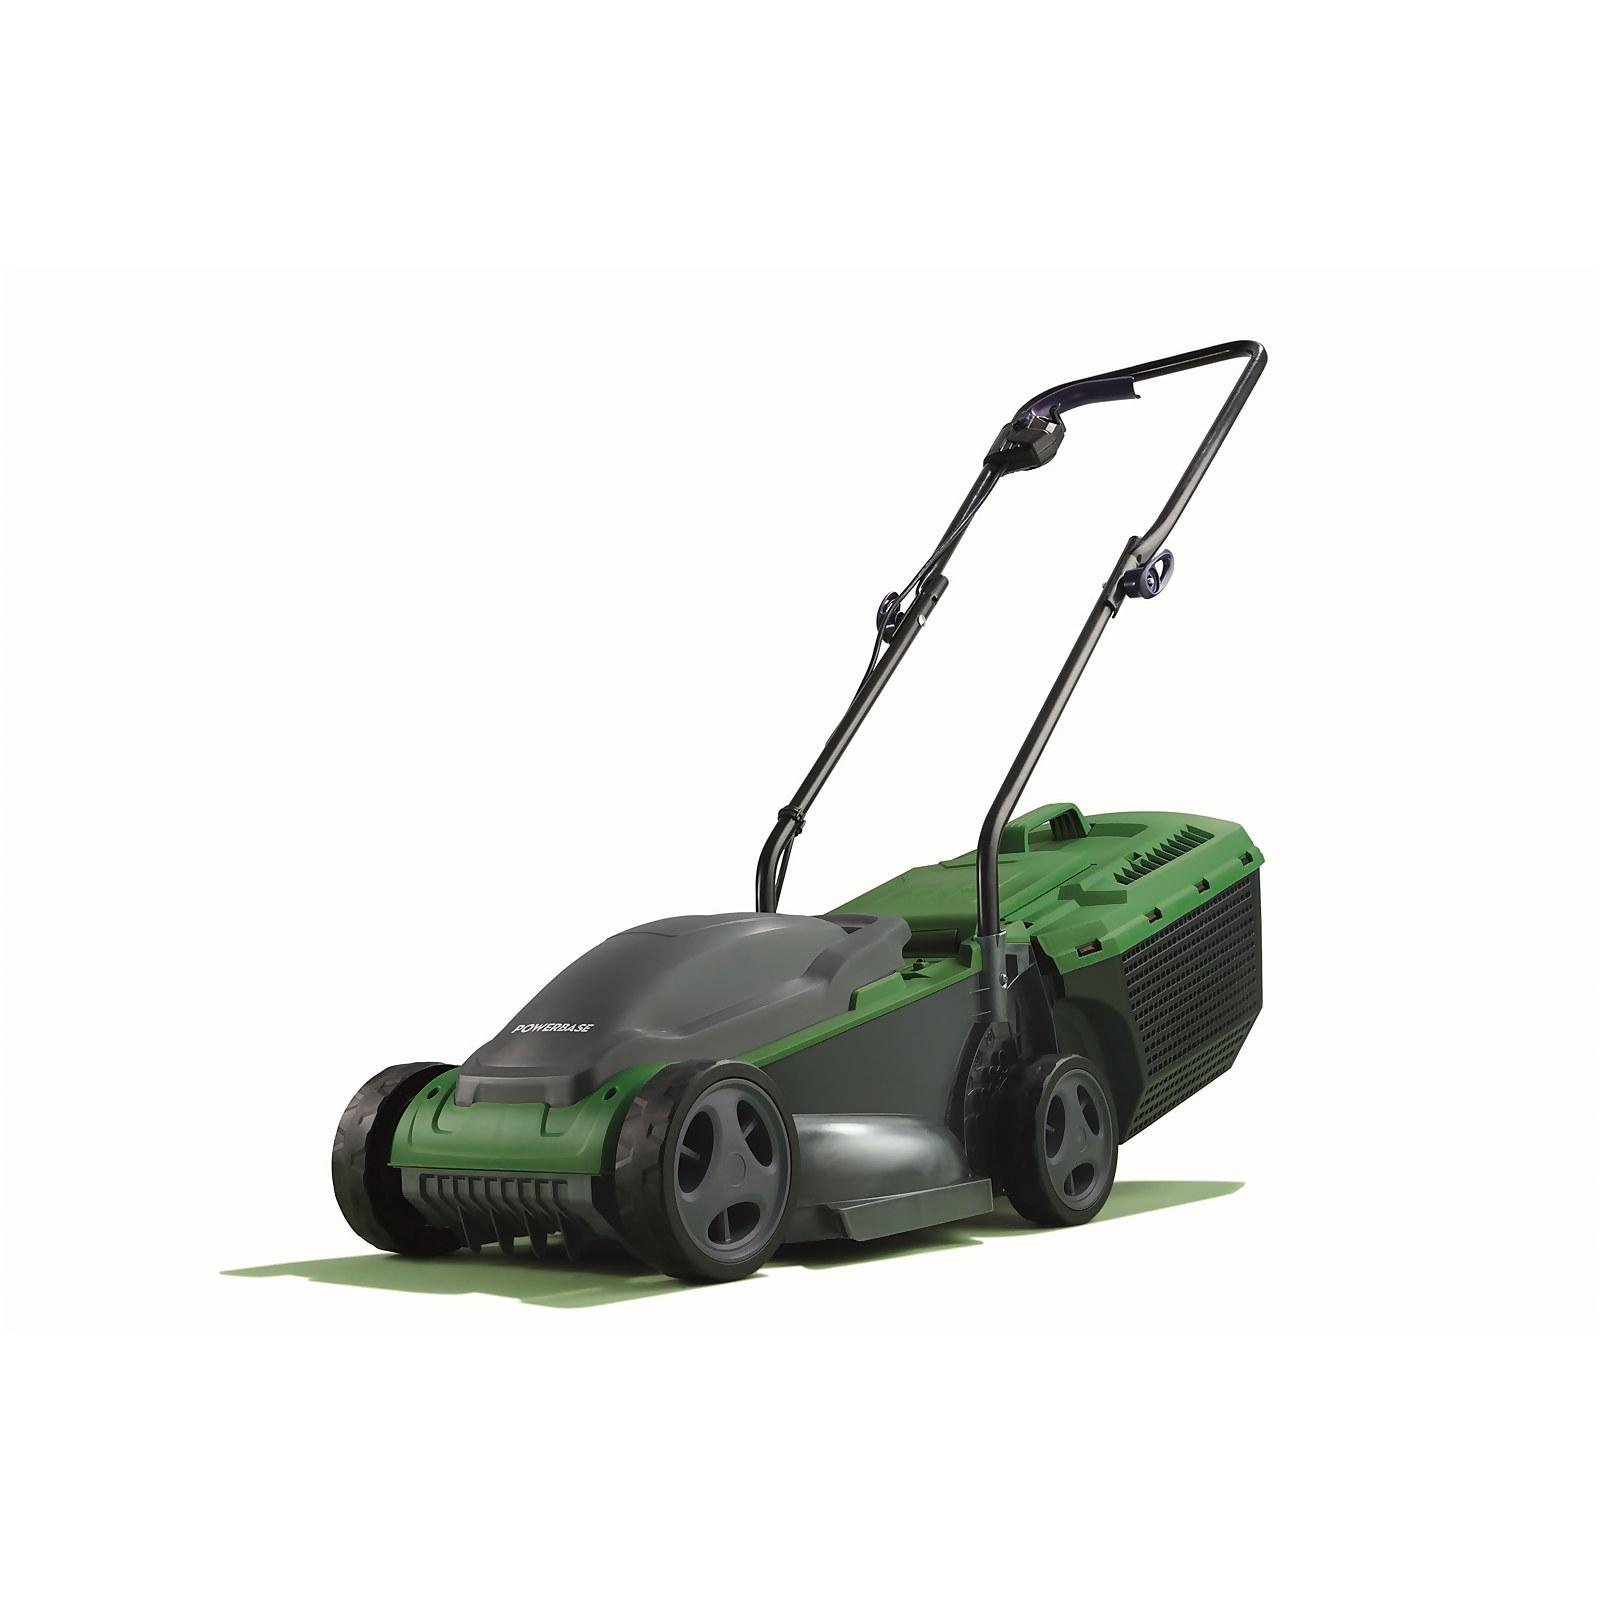 Powerbase 1200W Electric Lawn Mower 32cm